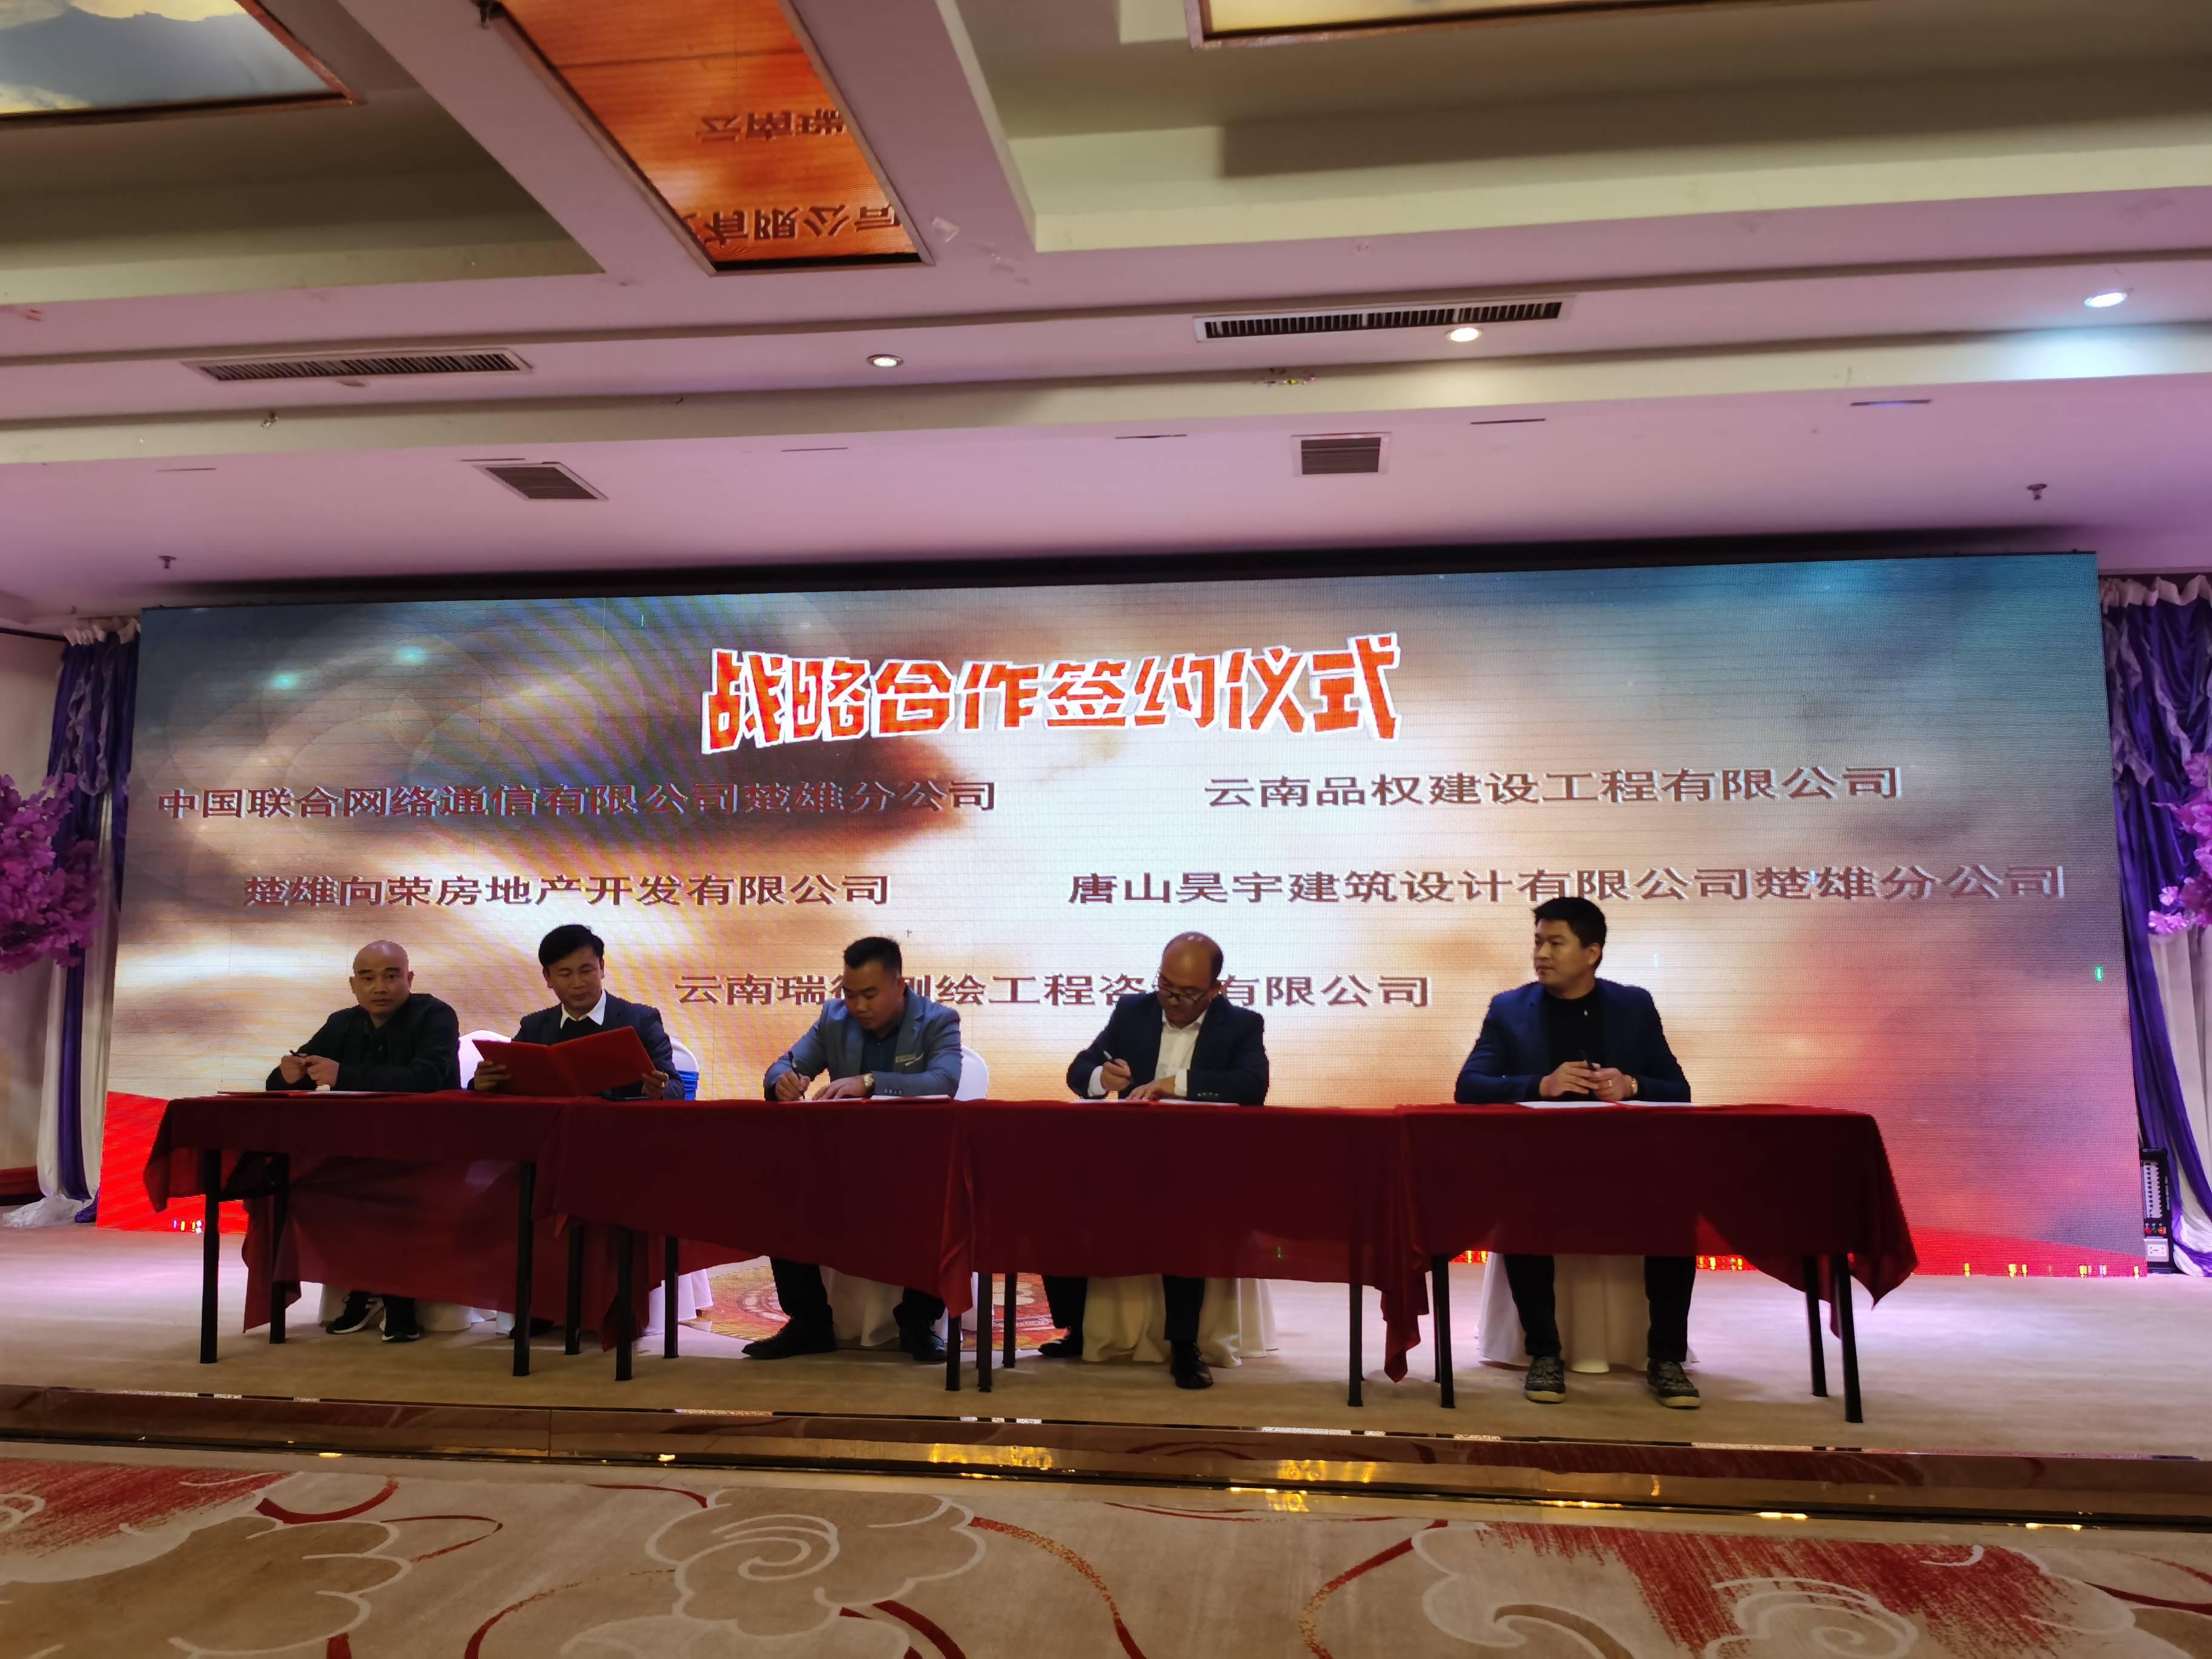 印天快印廣告公司在楚雄開業運營